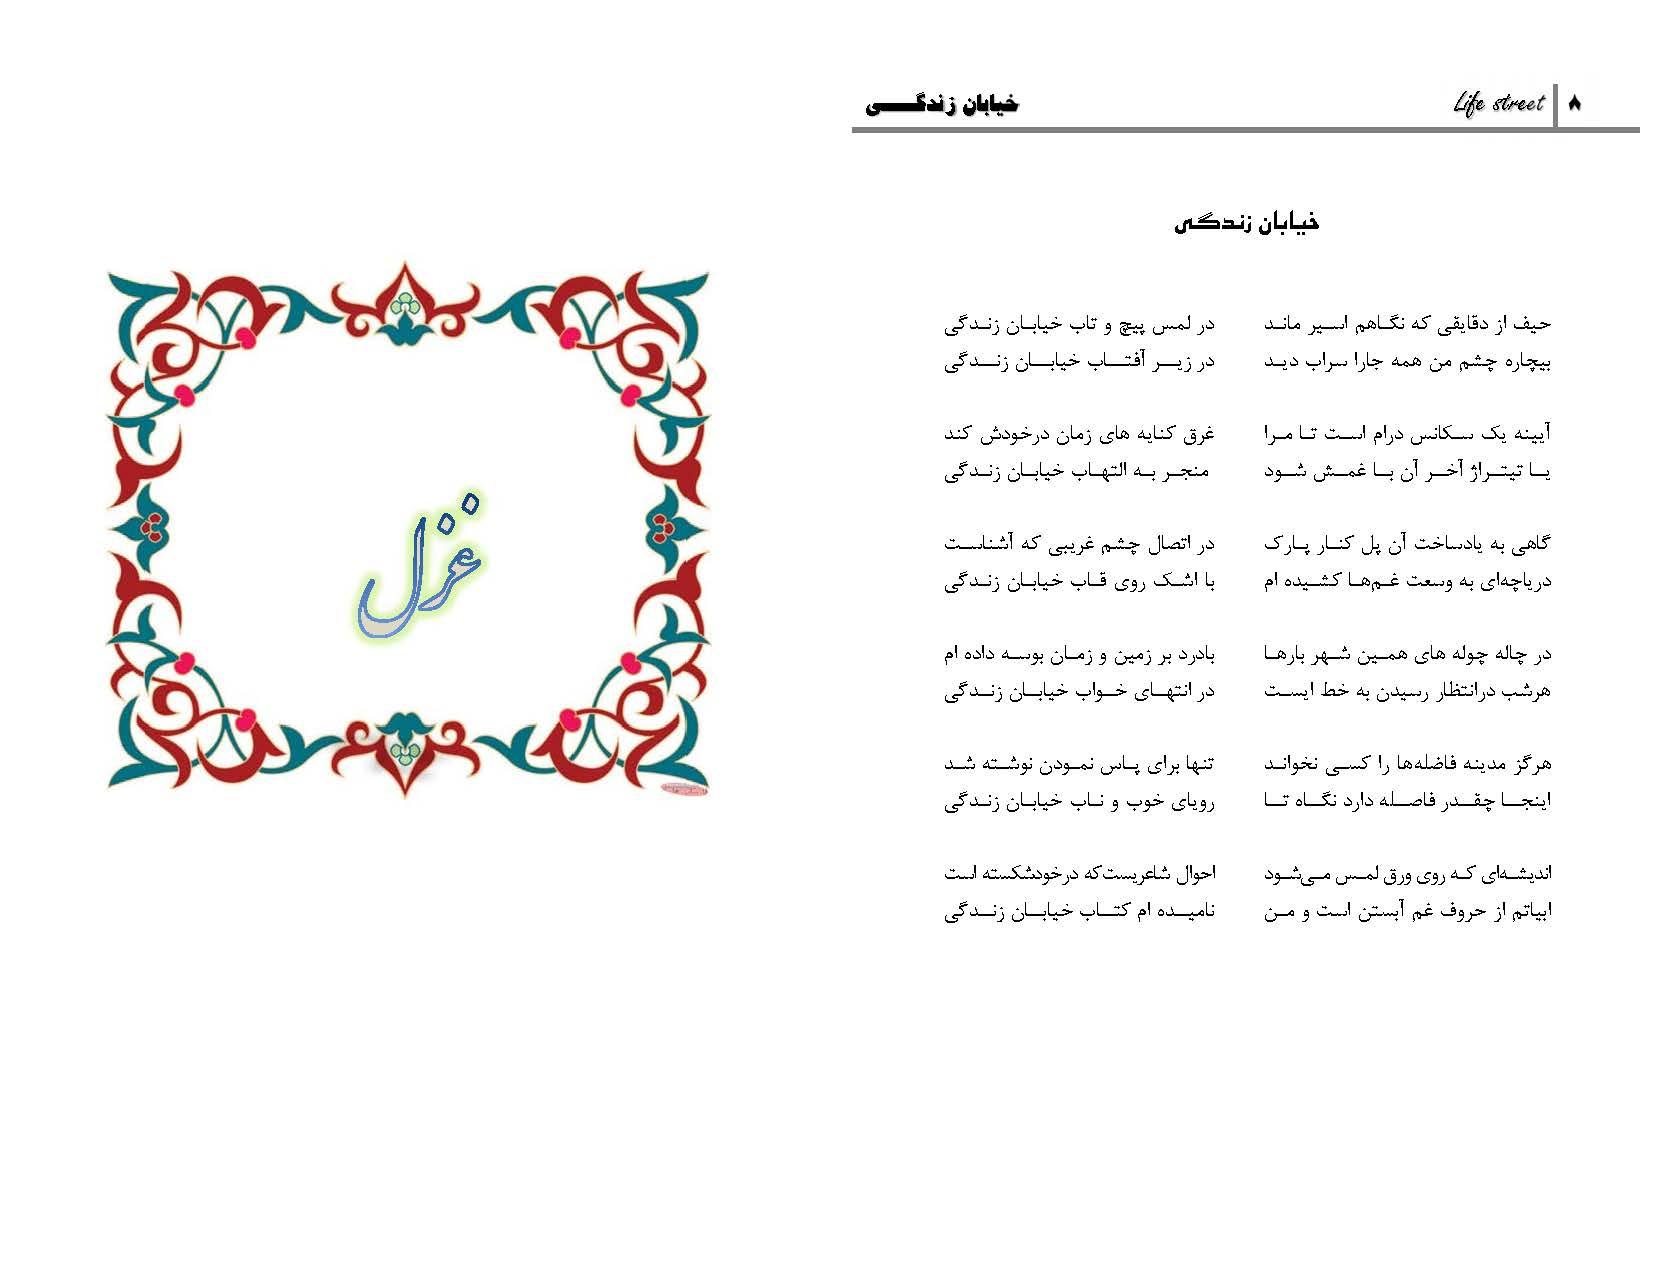 نمونه صفحه آرایی کتاب شعر در محیط ورد